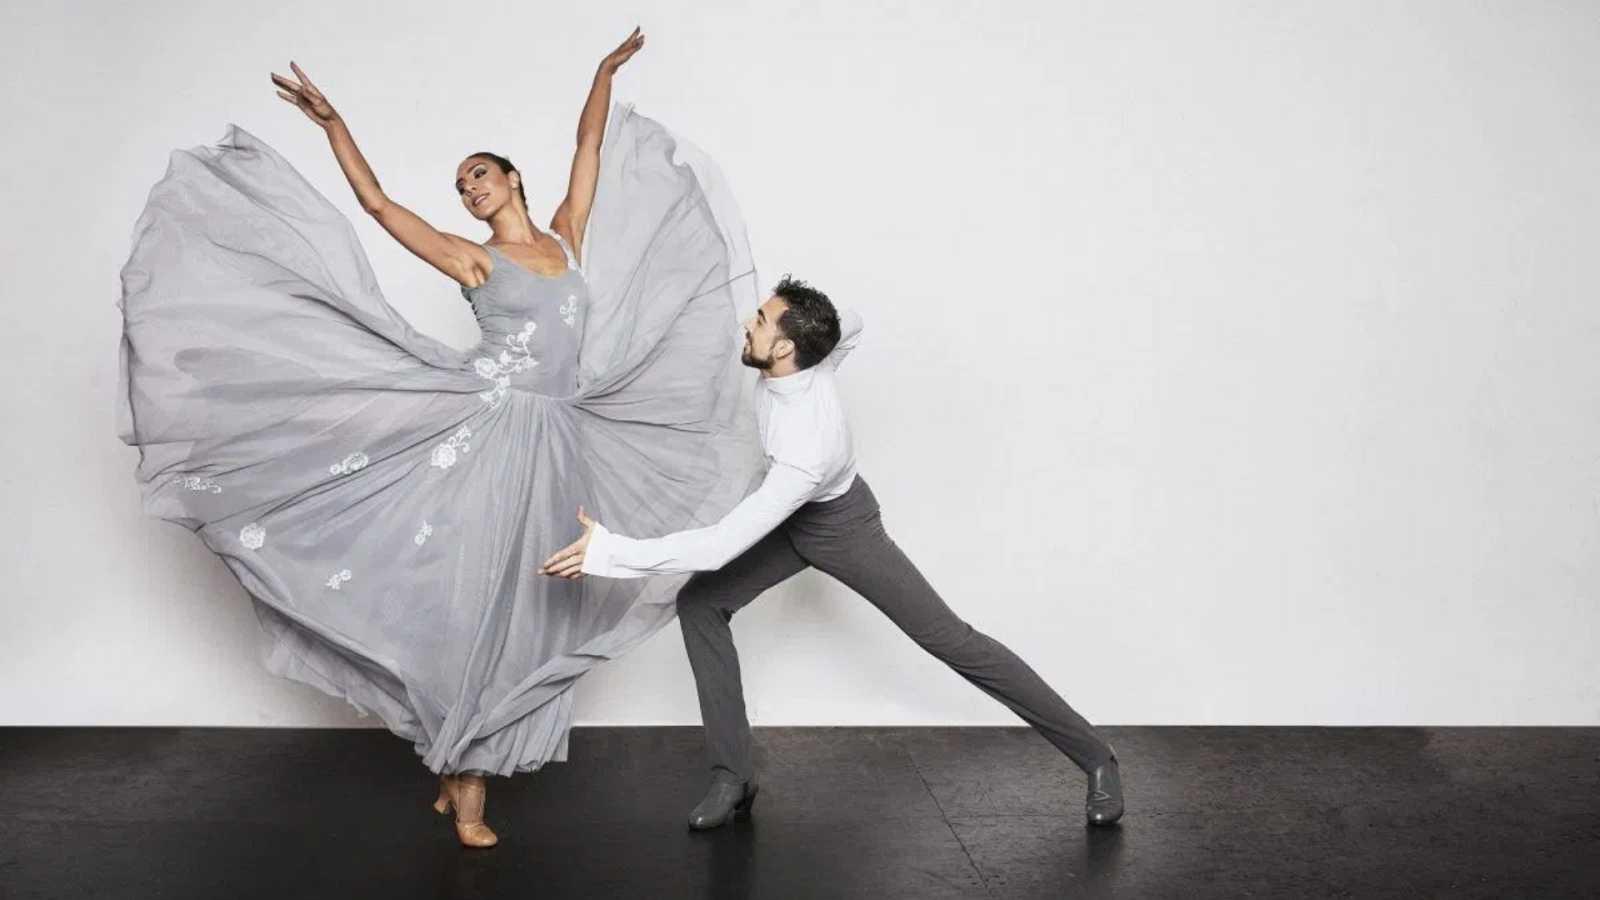 Alento, mezcla perfecta de música. danza y moda